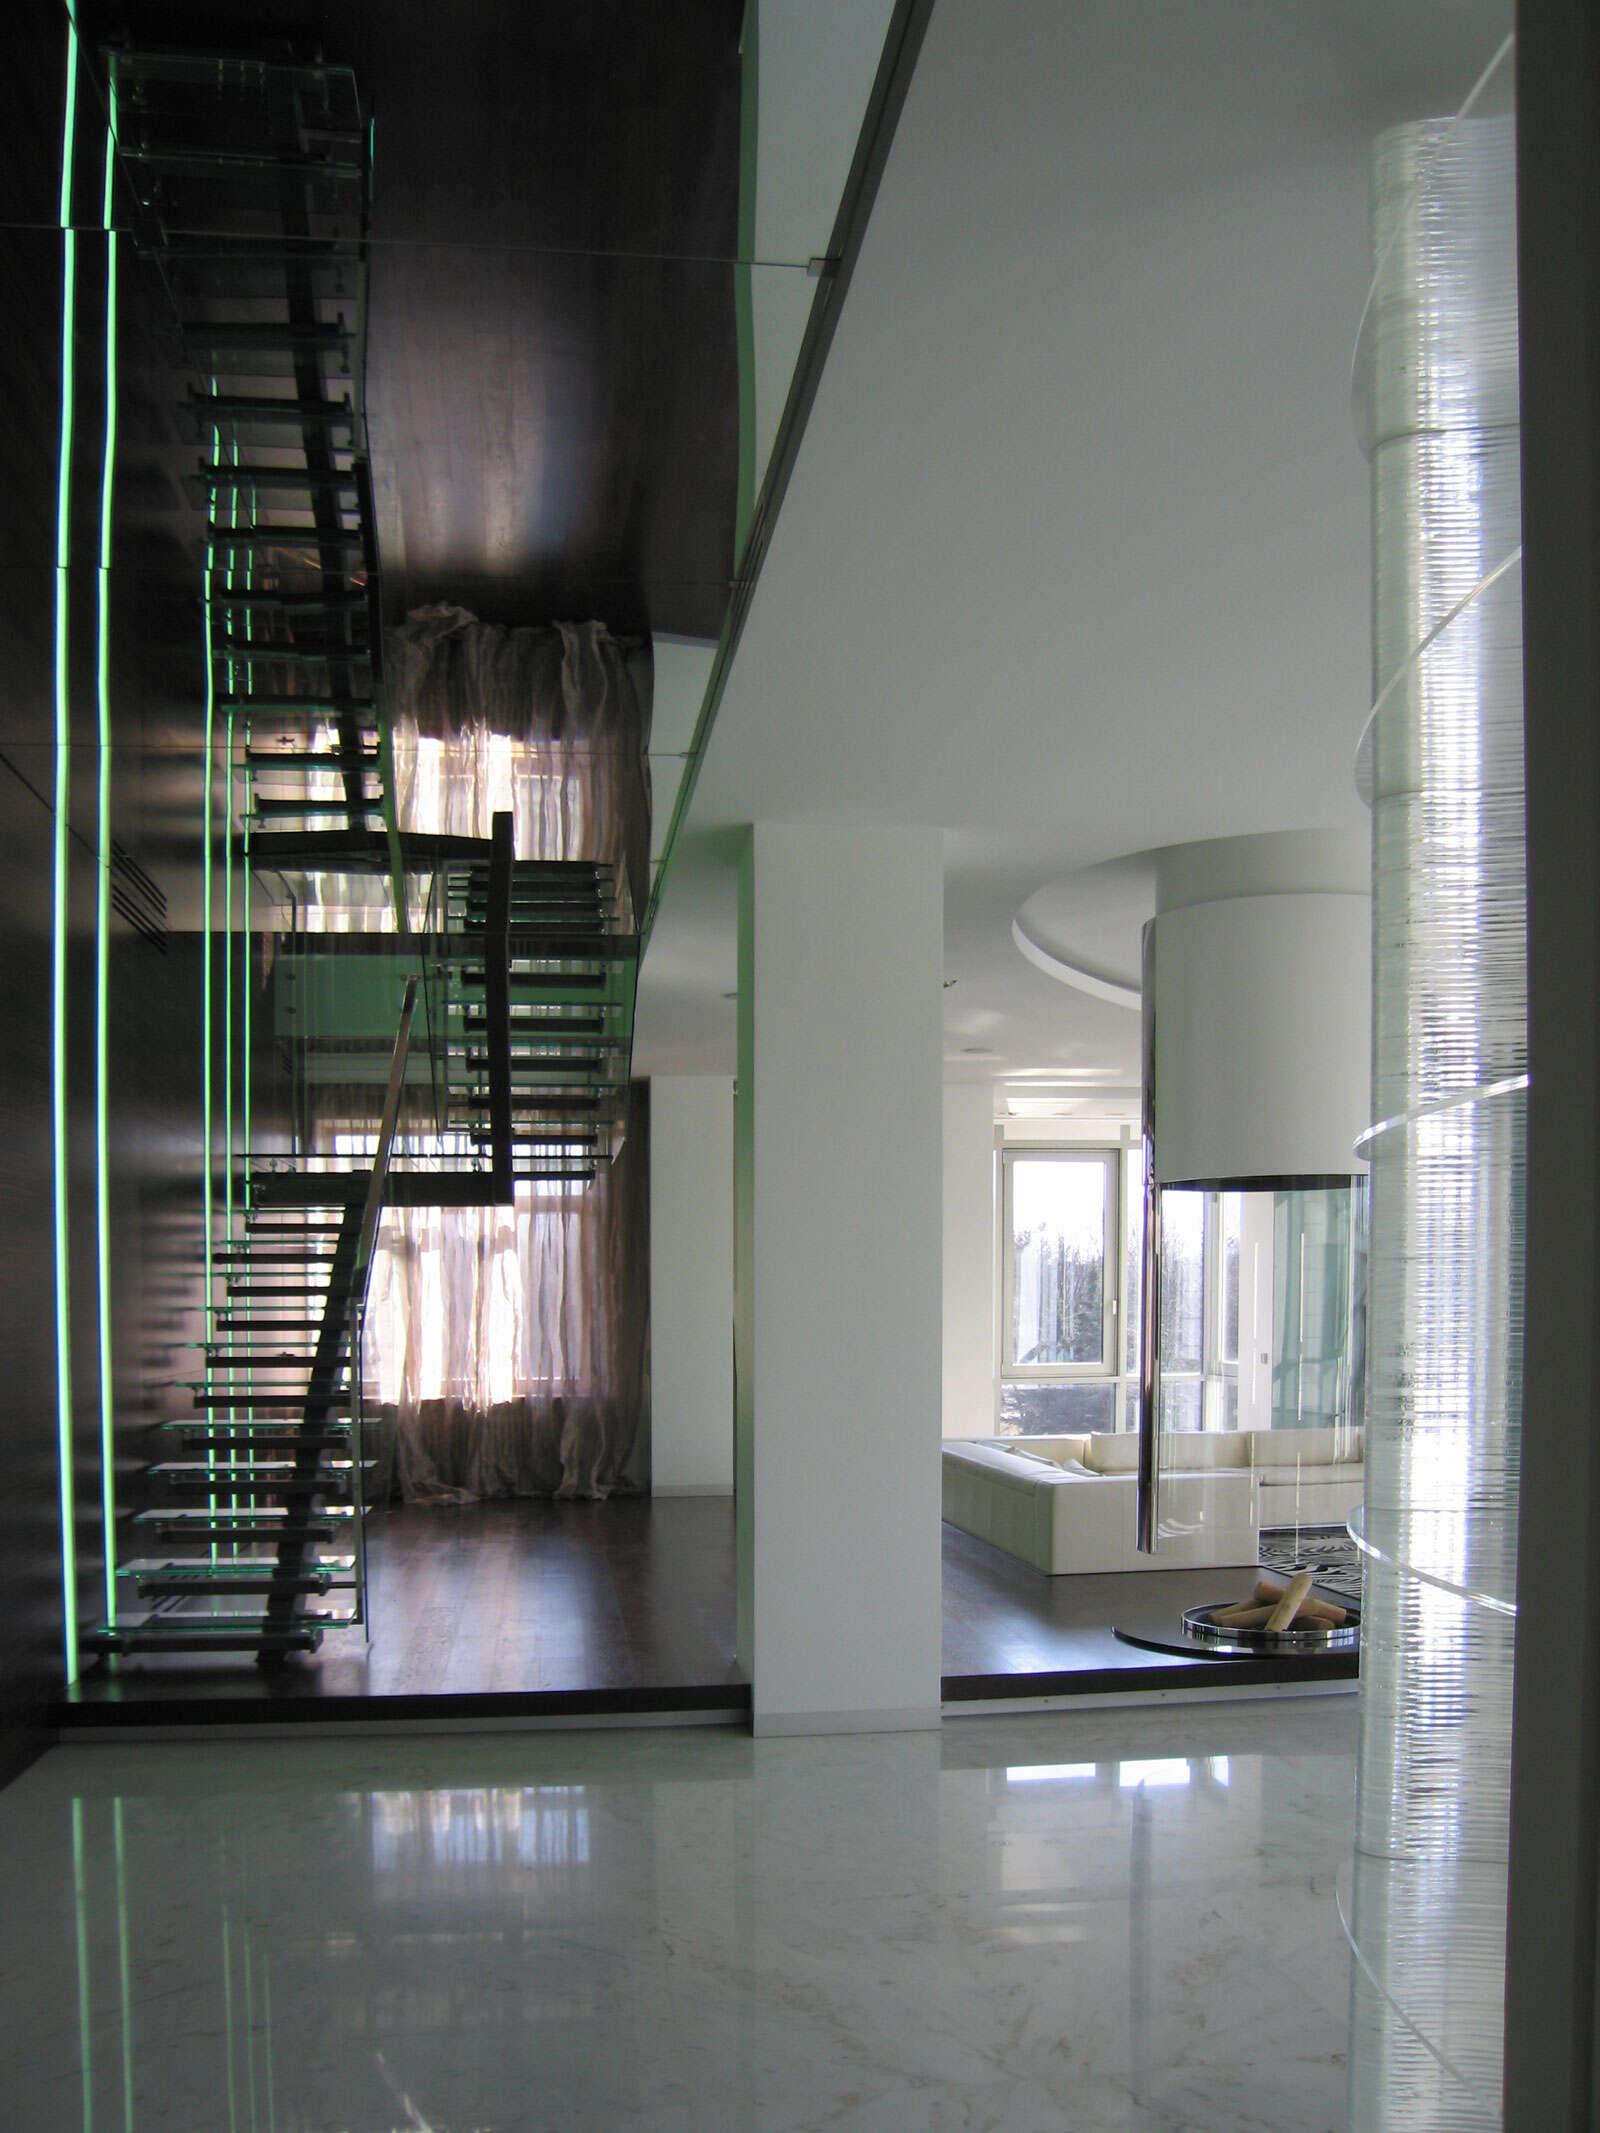 Дизайн интерьера квартиры 600 кв.м.